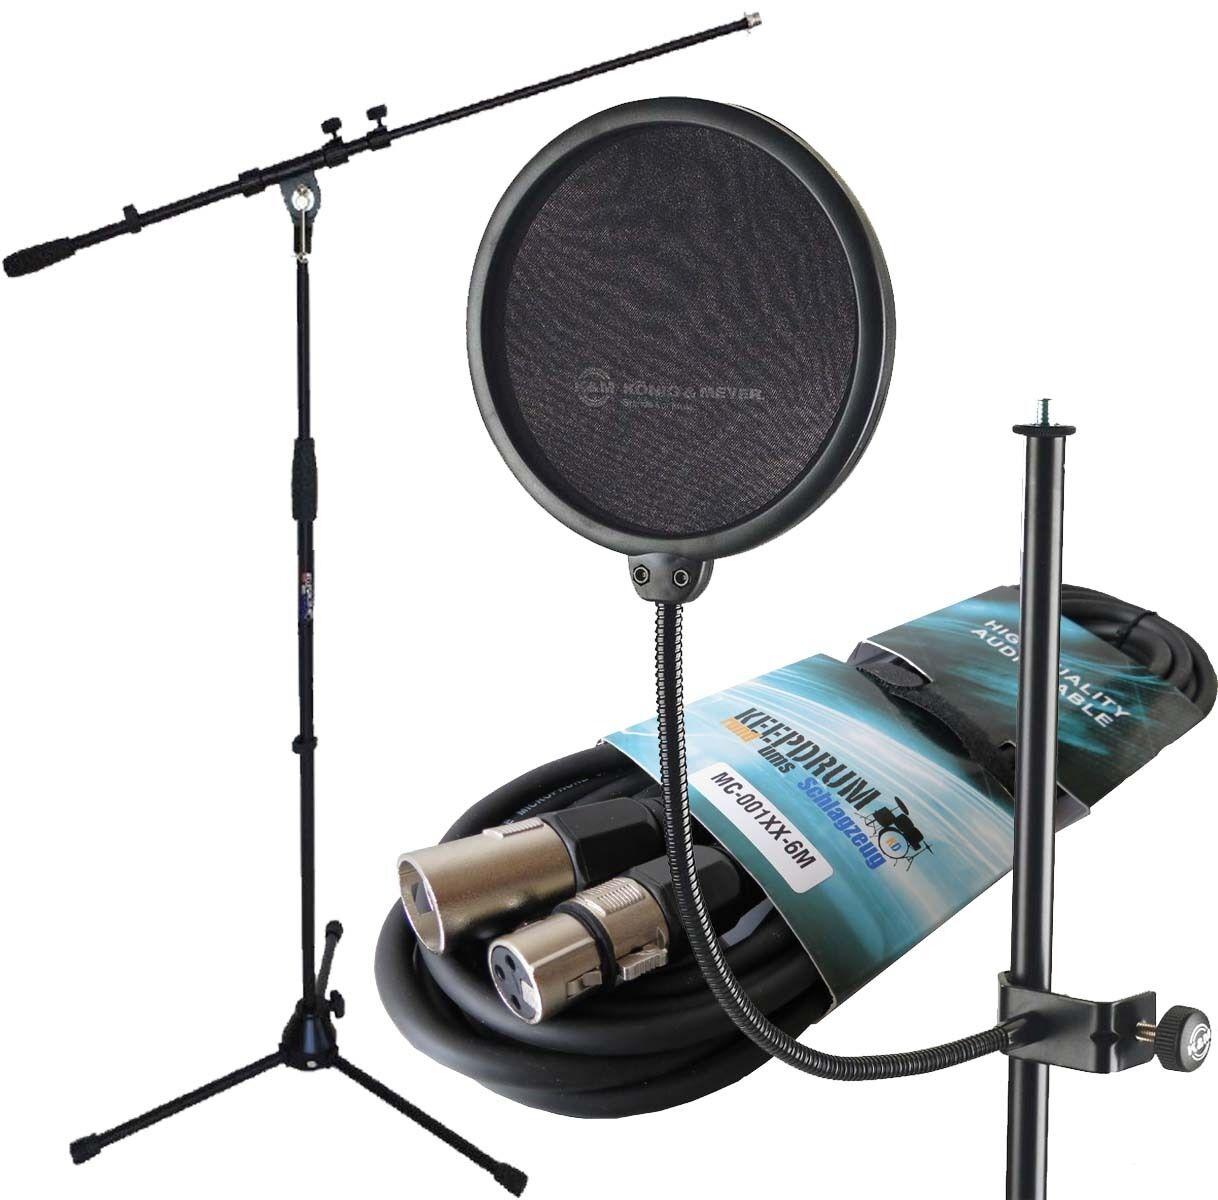 K & m 23956 popschutz popschutz popschutz + KEEPDRUM micrófono soporte + 6m cables del micrófono 906b58